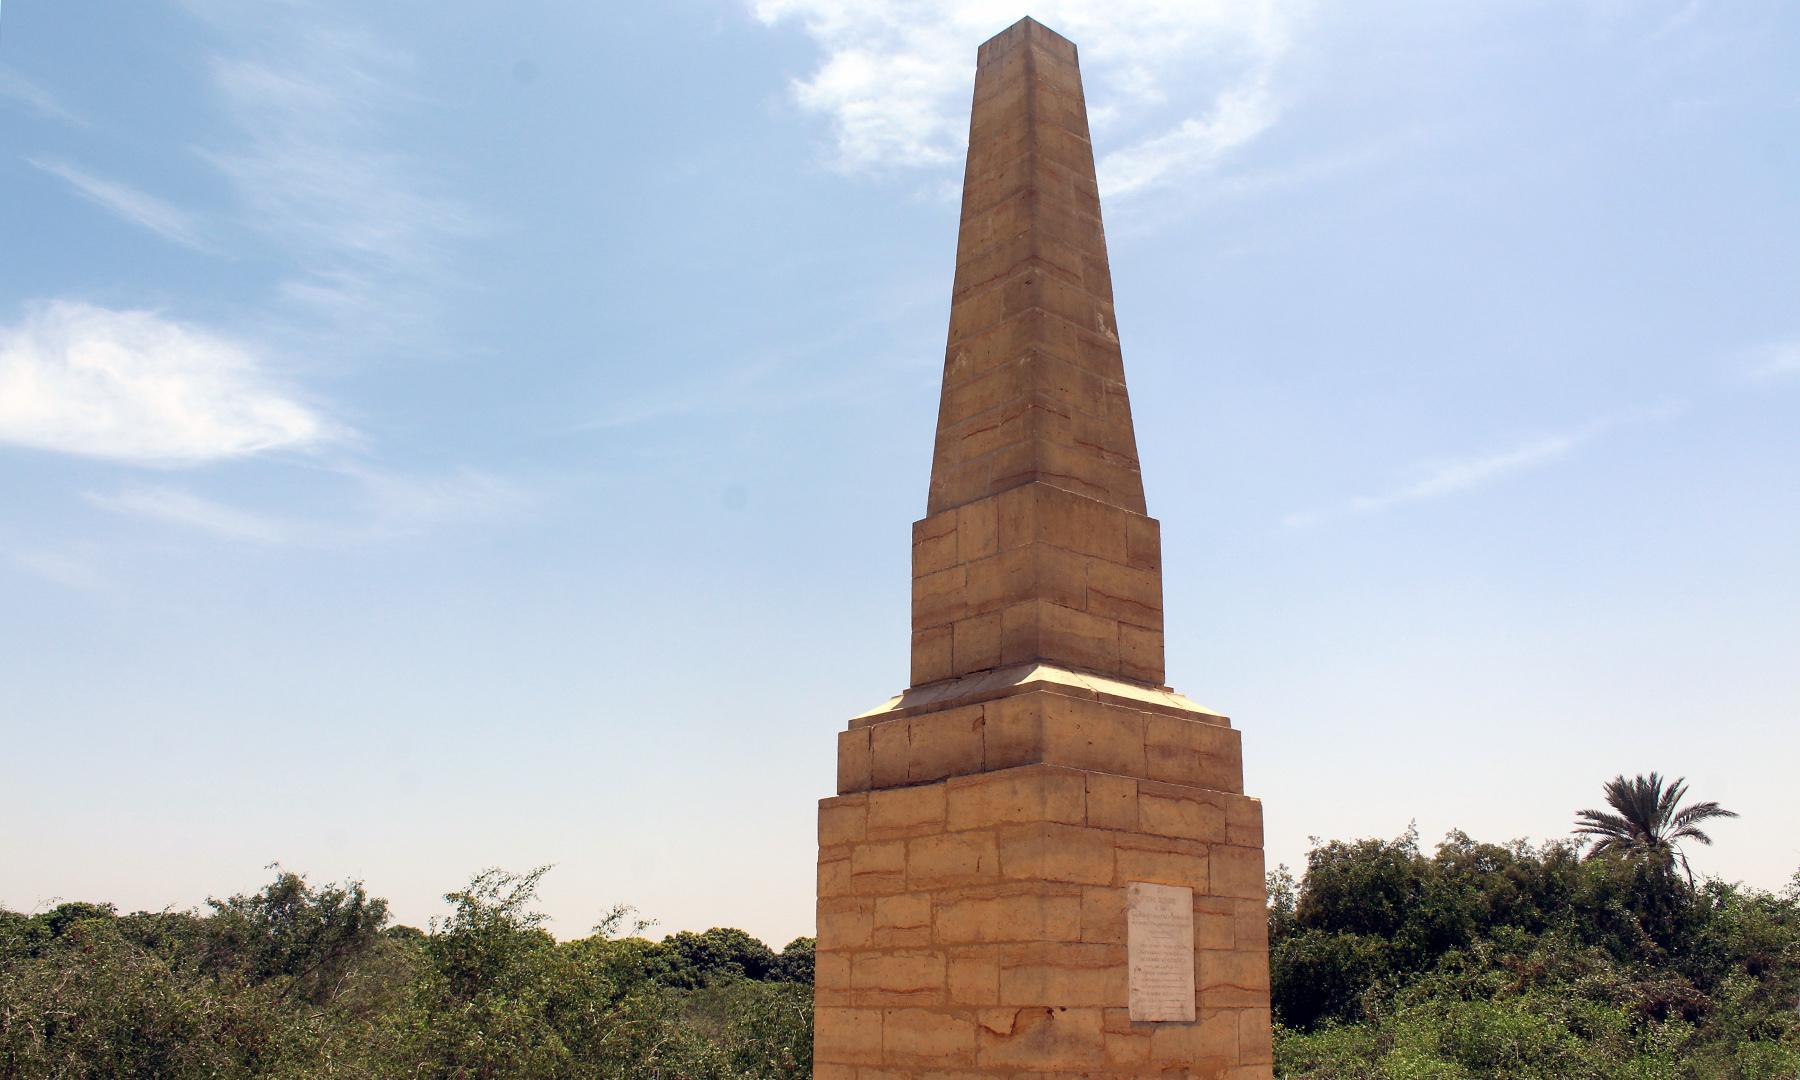 کھیتوں کے درمیان بنیں سپاہیوں کی یادگاریں — تصویر اختر حفیظ